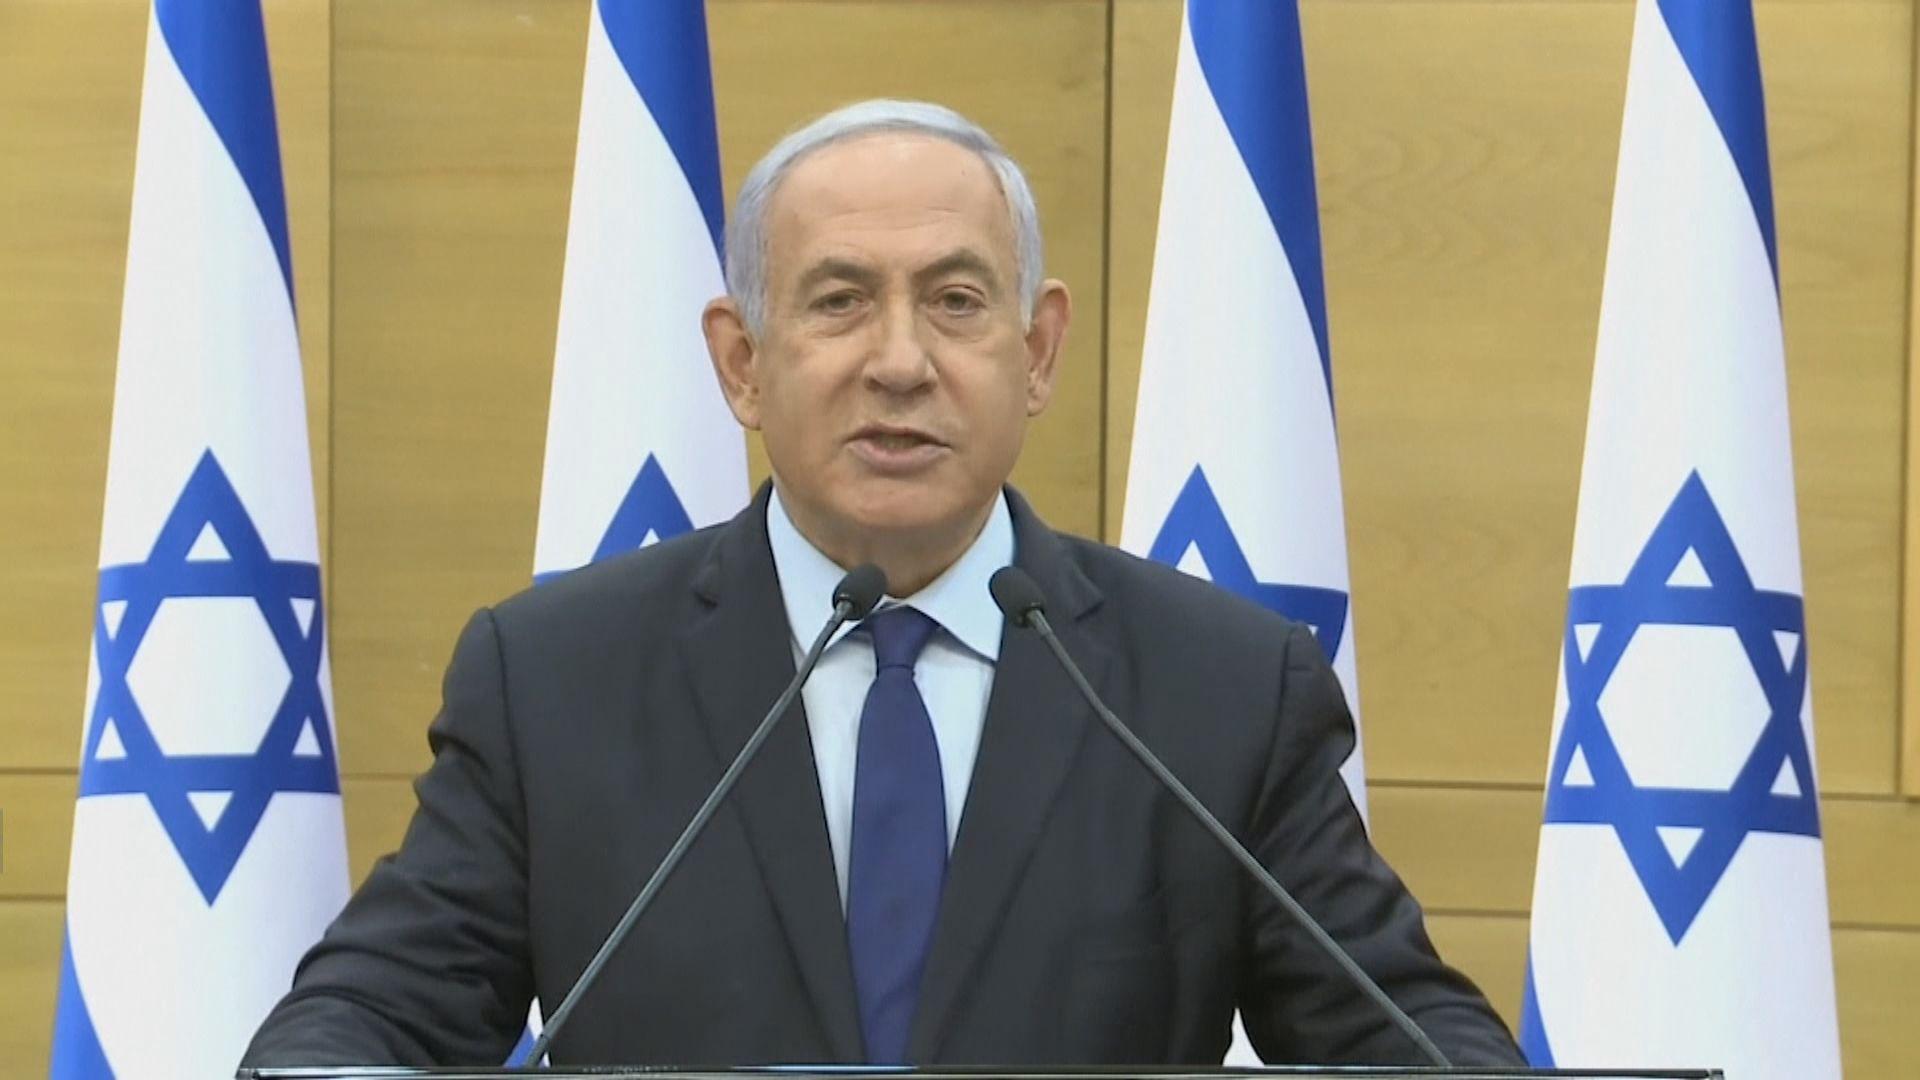 以色列右翼政府參與組閣 內塔尼亞胡或結束執政